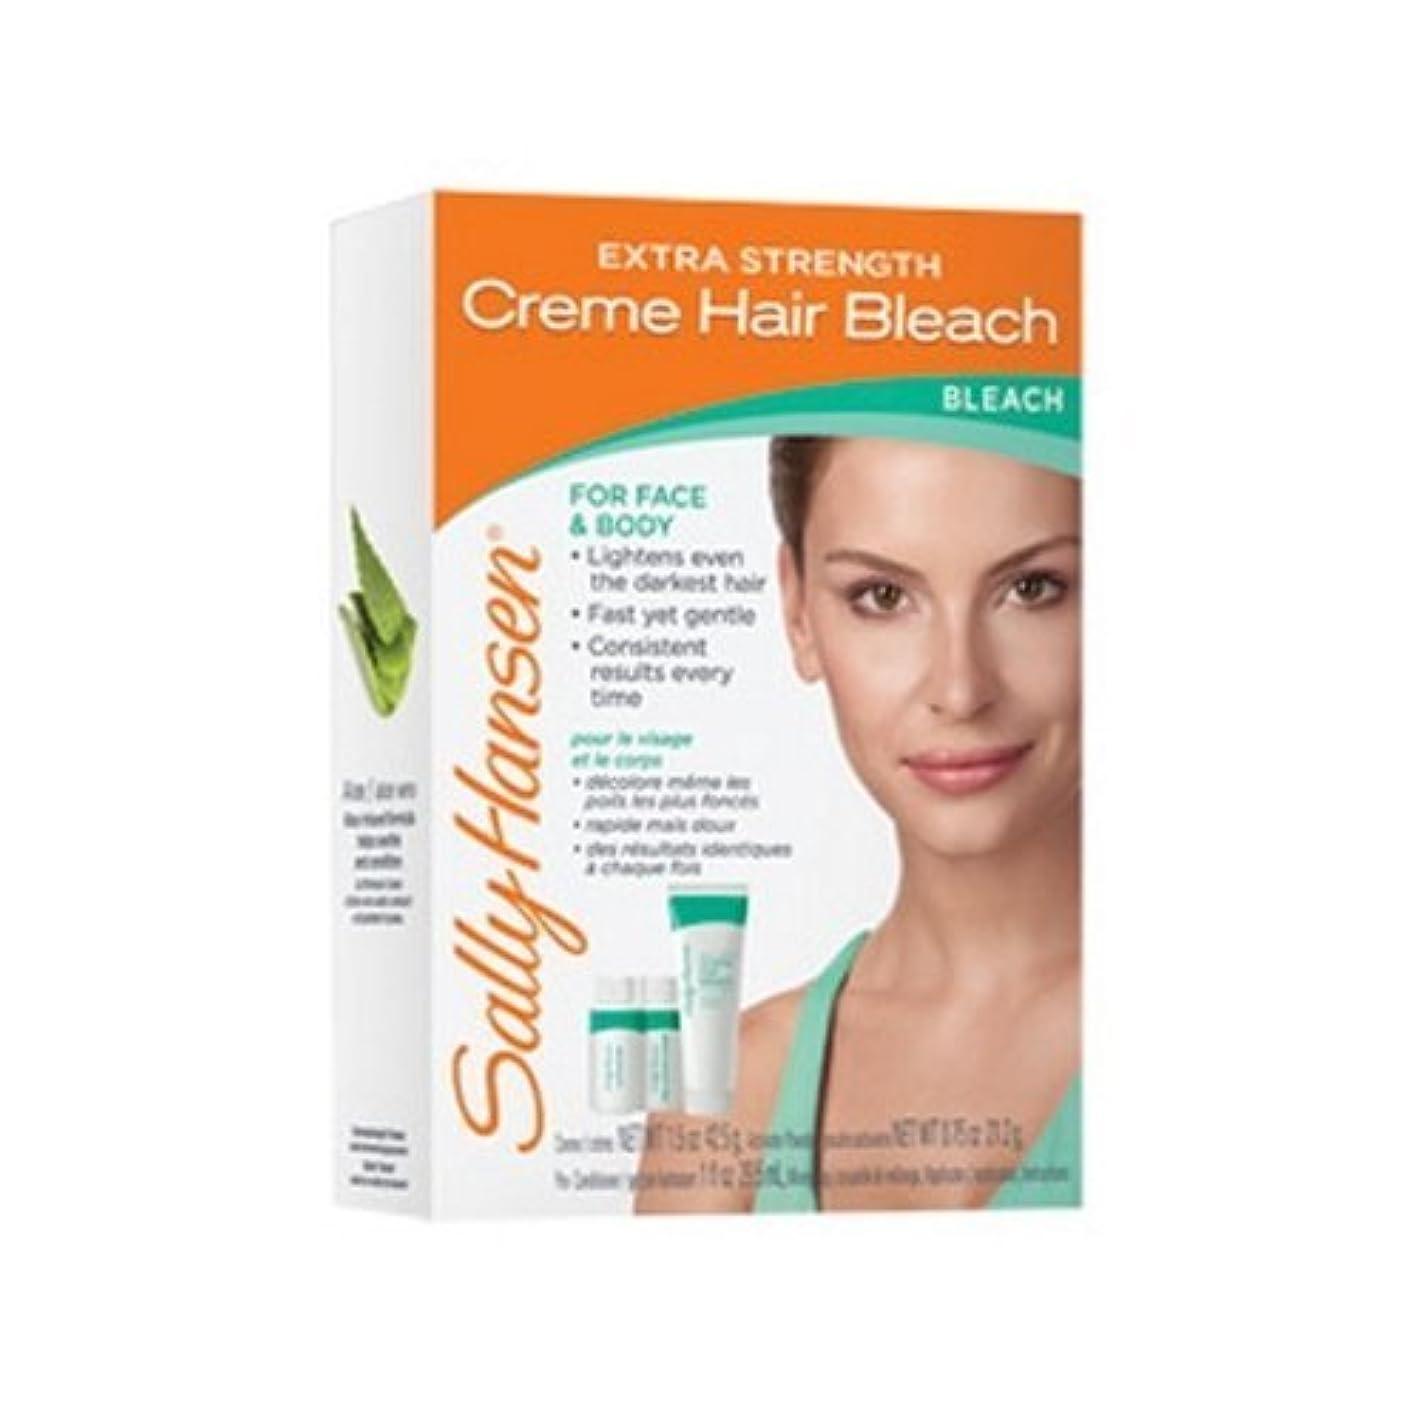 抗議真珠のようなエレガント(3 Pack) SALLY HANSEN Extra Strength Creme Hair Bleach for Face & Body - SH2010 (並行輸入品)